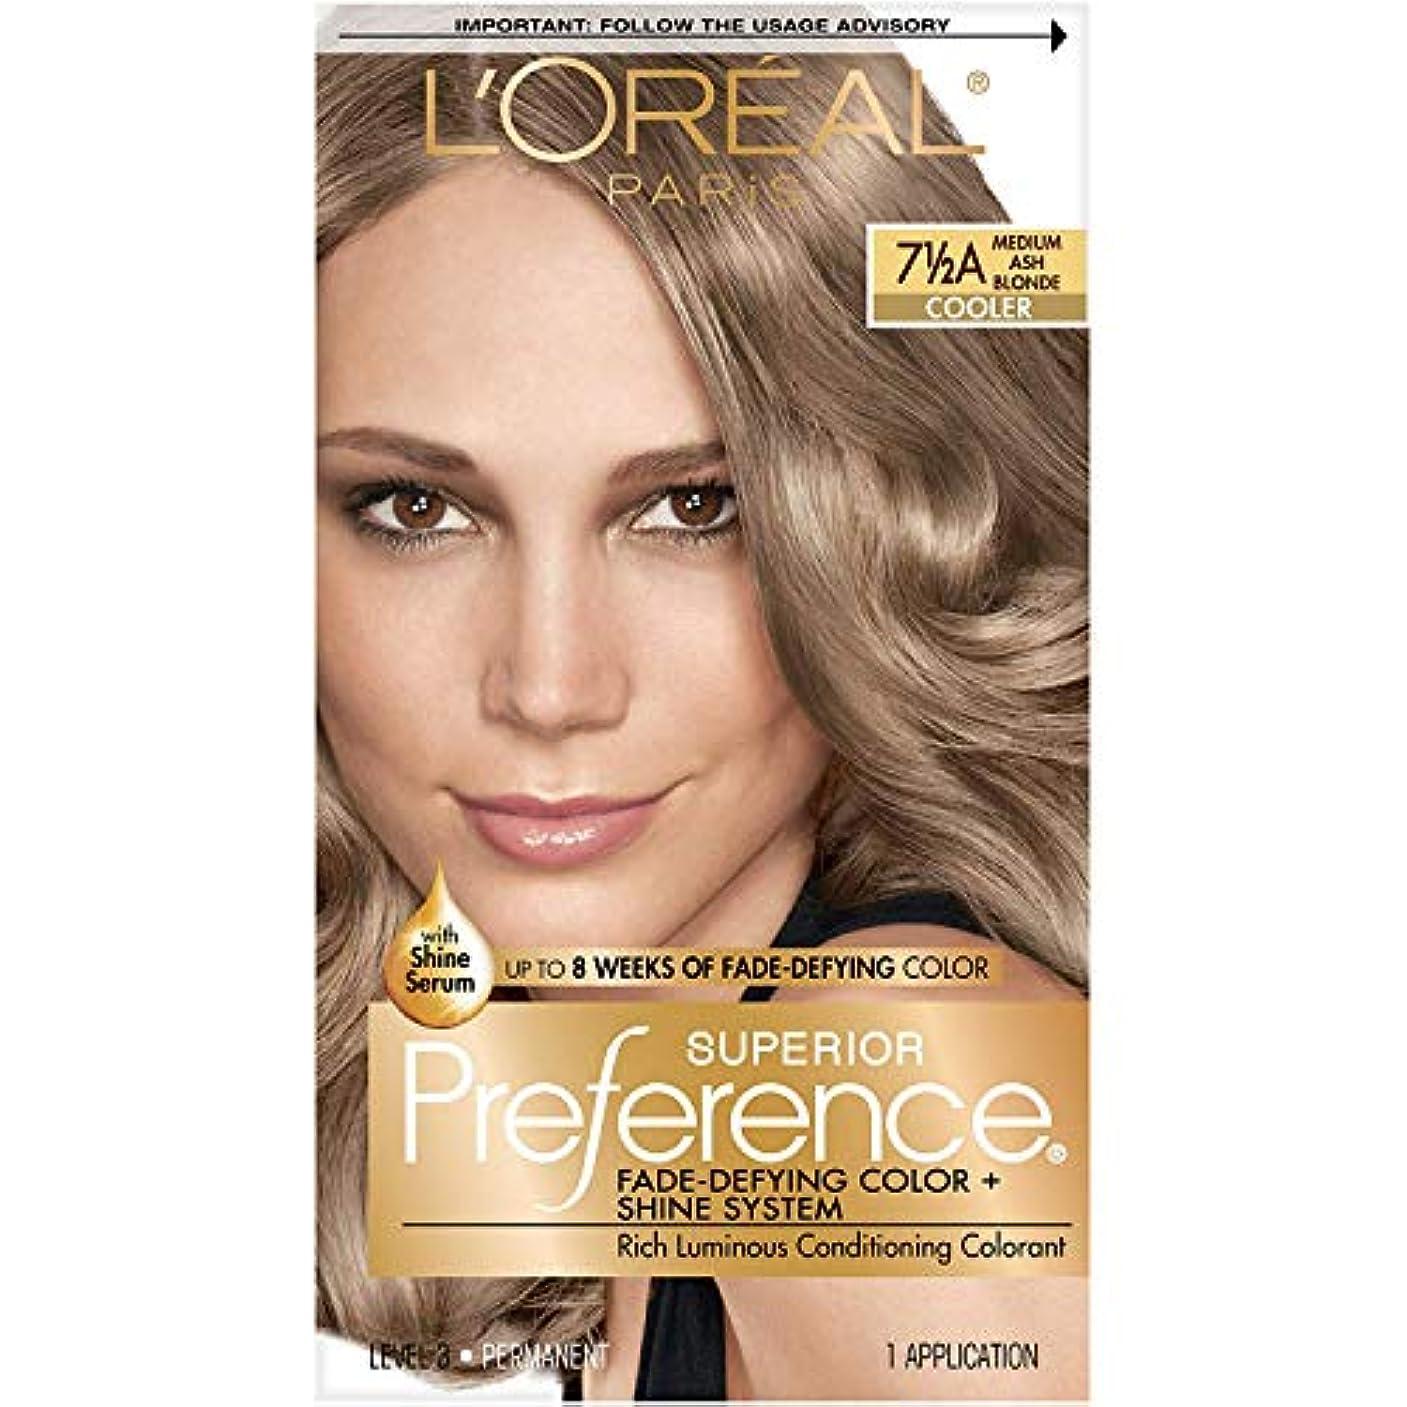 遊びますコア副産物海外直送肘 LOreal Superior Preference Hair Color Medium Ash Blonde, Medium Ash Blonde 1 each